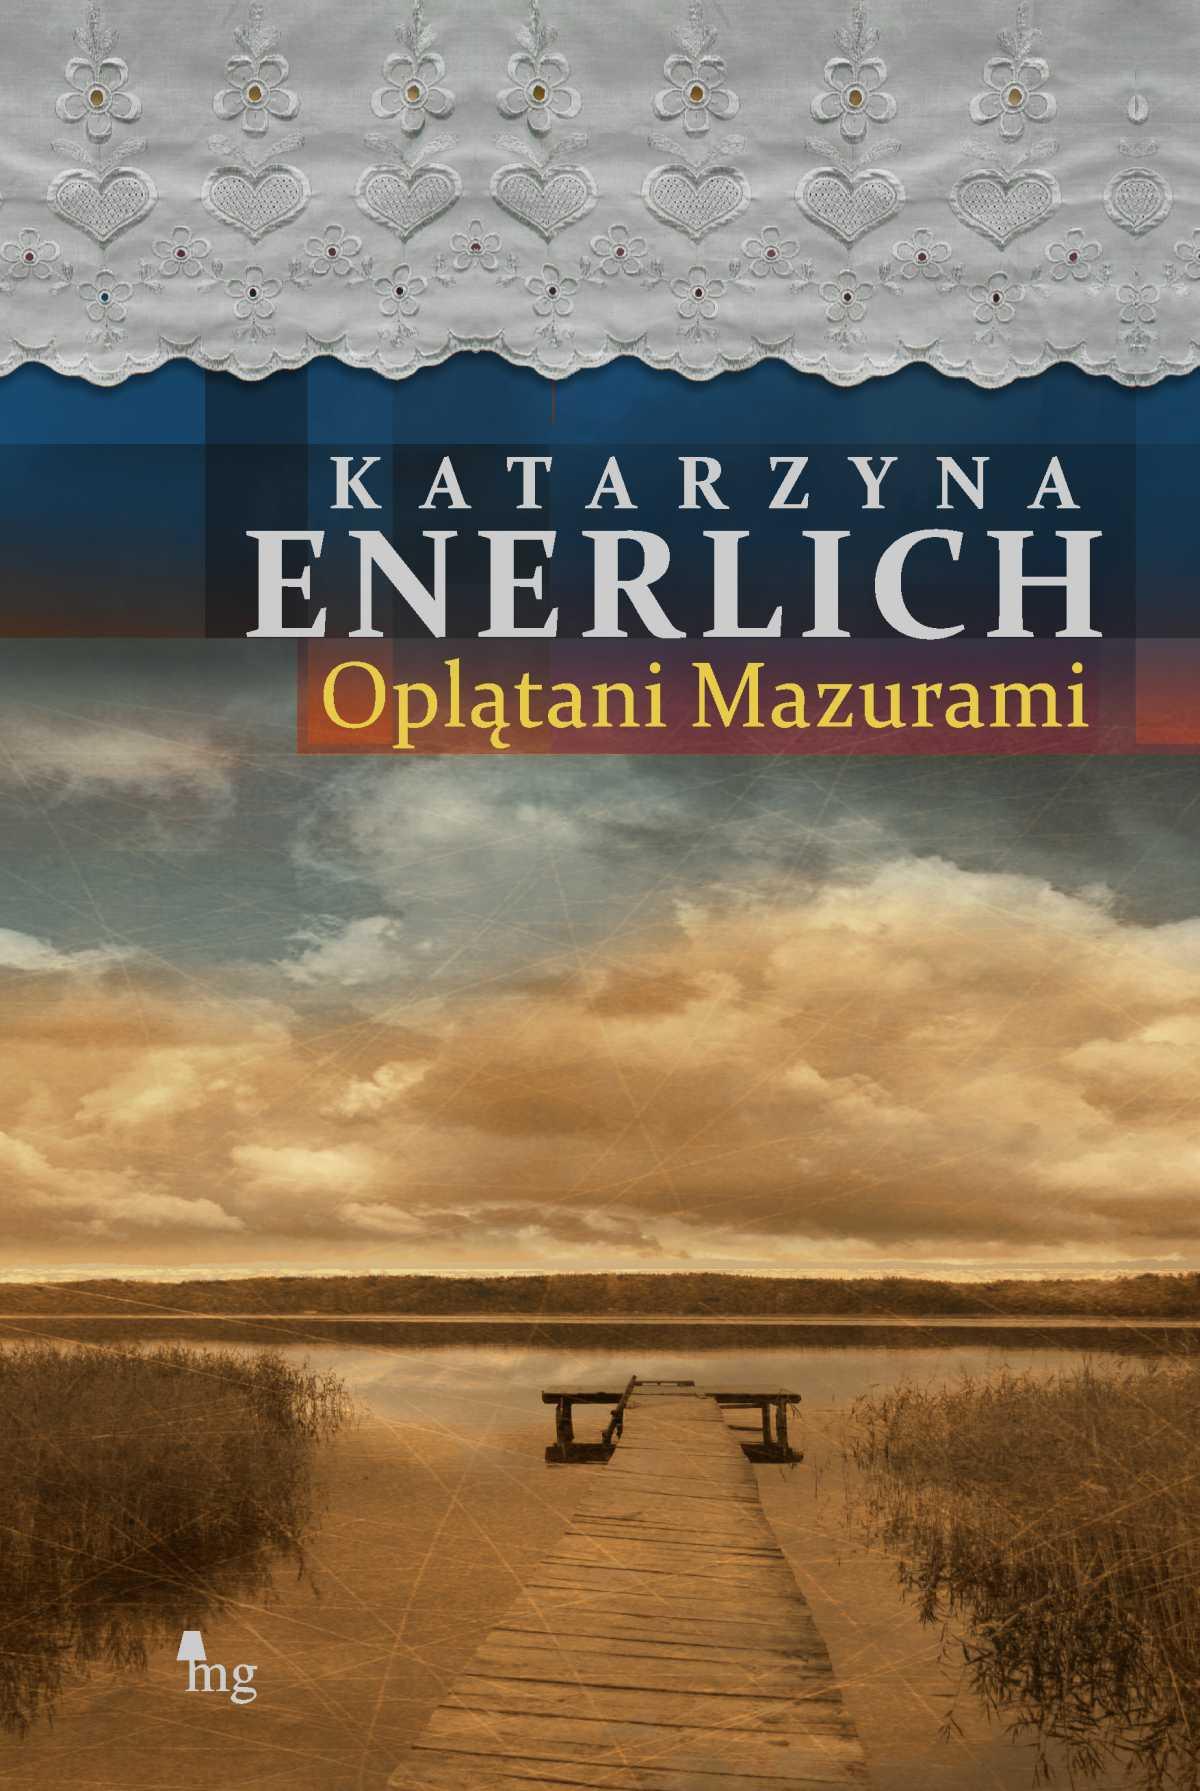 Oplątani Mazurami - Ebook (Książka EPUB) do pobrania w formacie EPUB